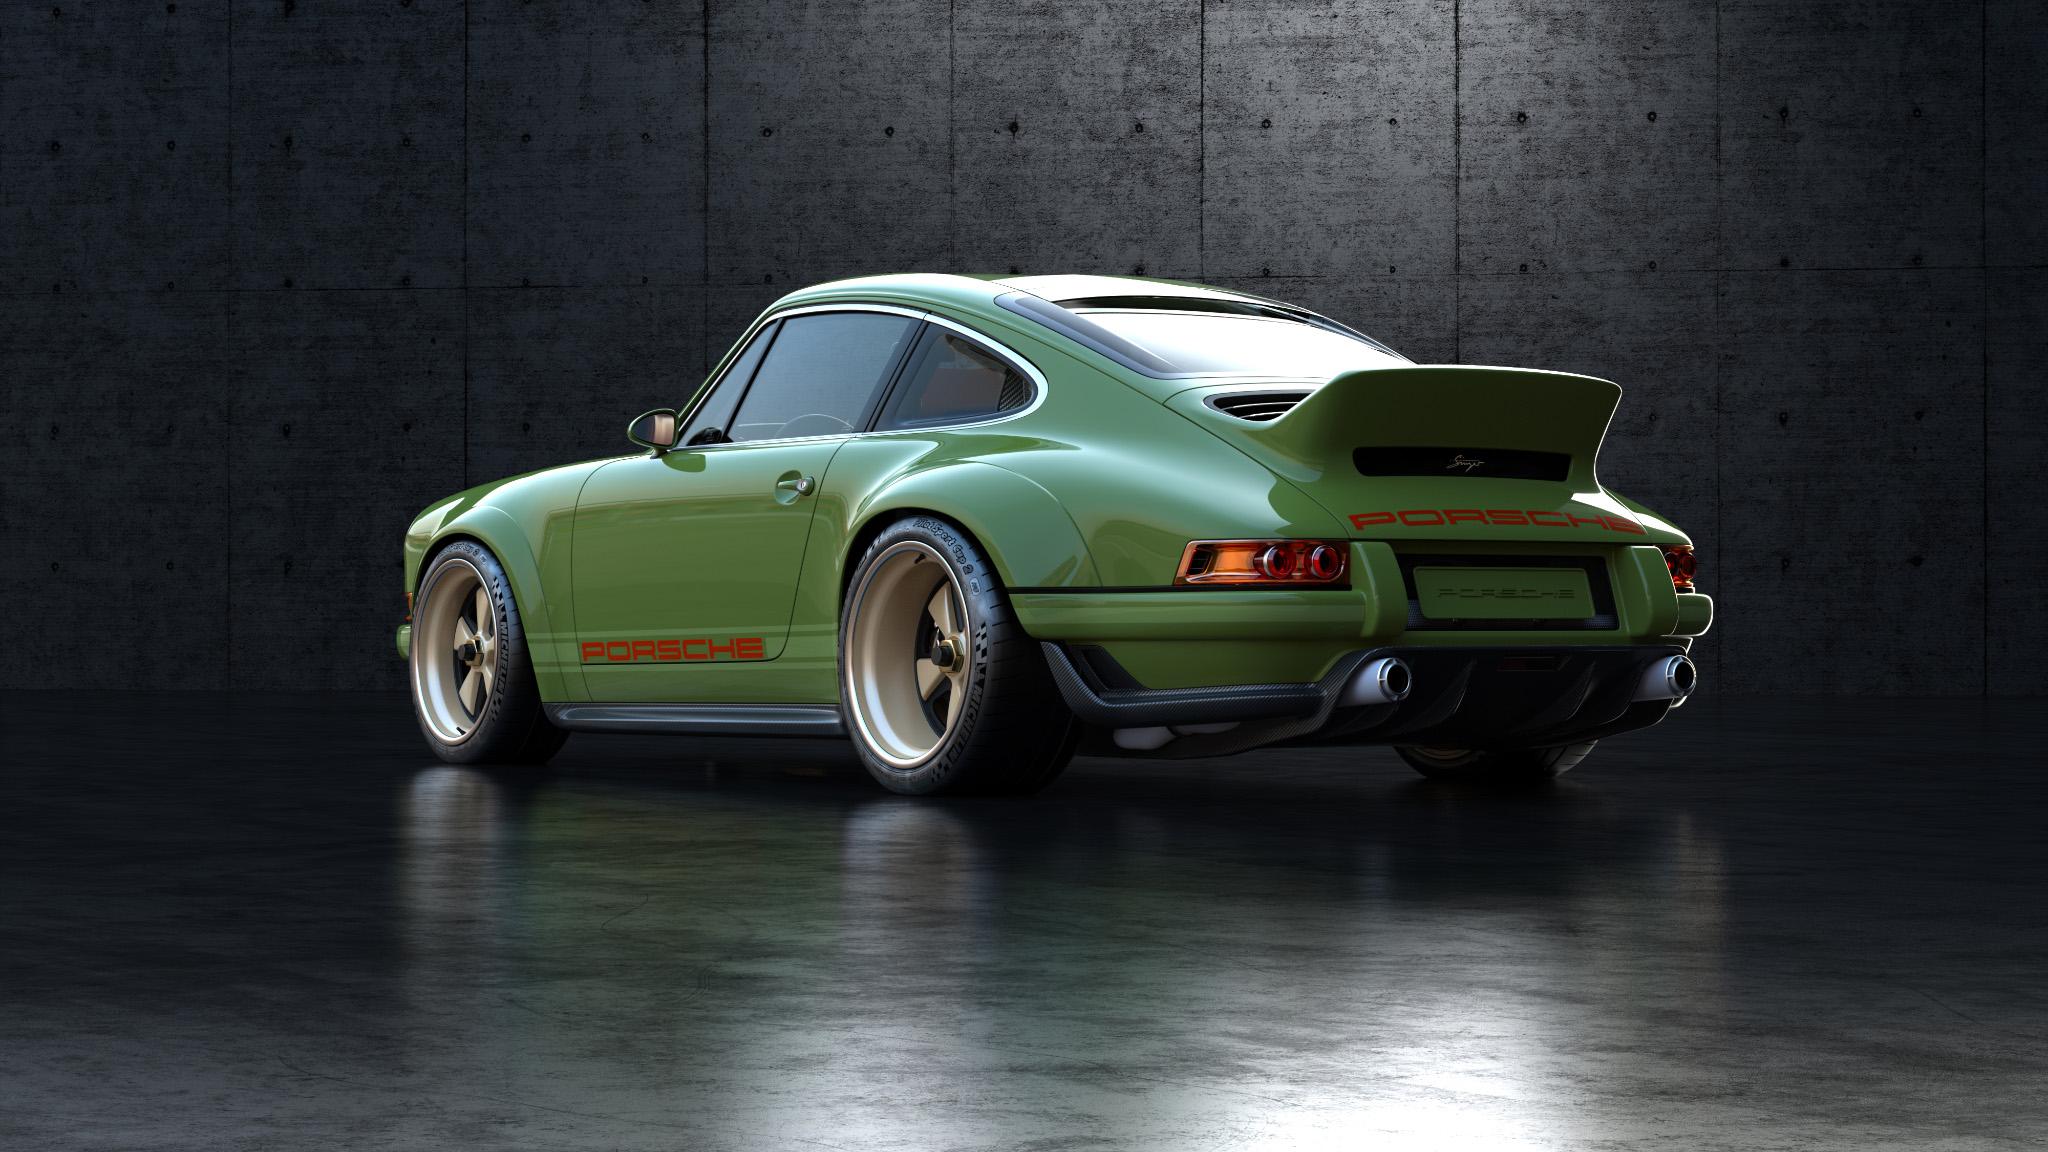 1990 Porsche 911 rear left 3/4 shot